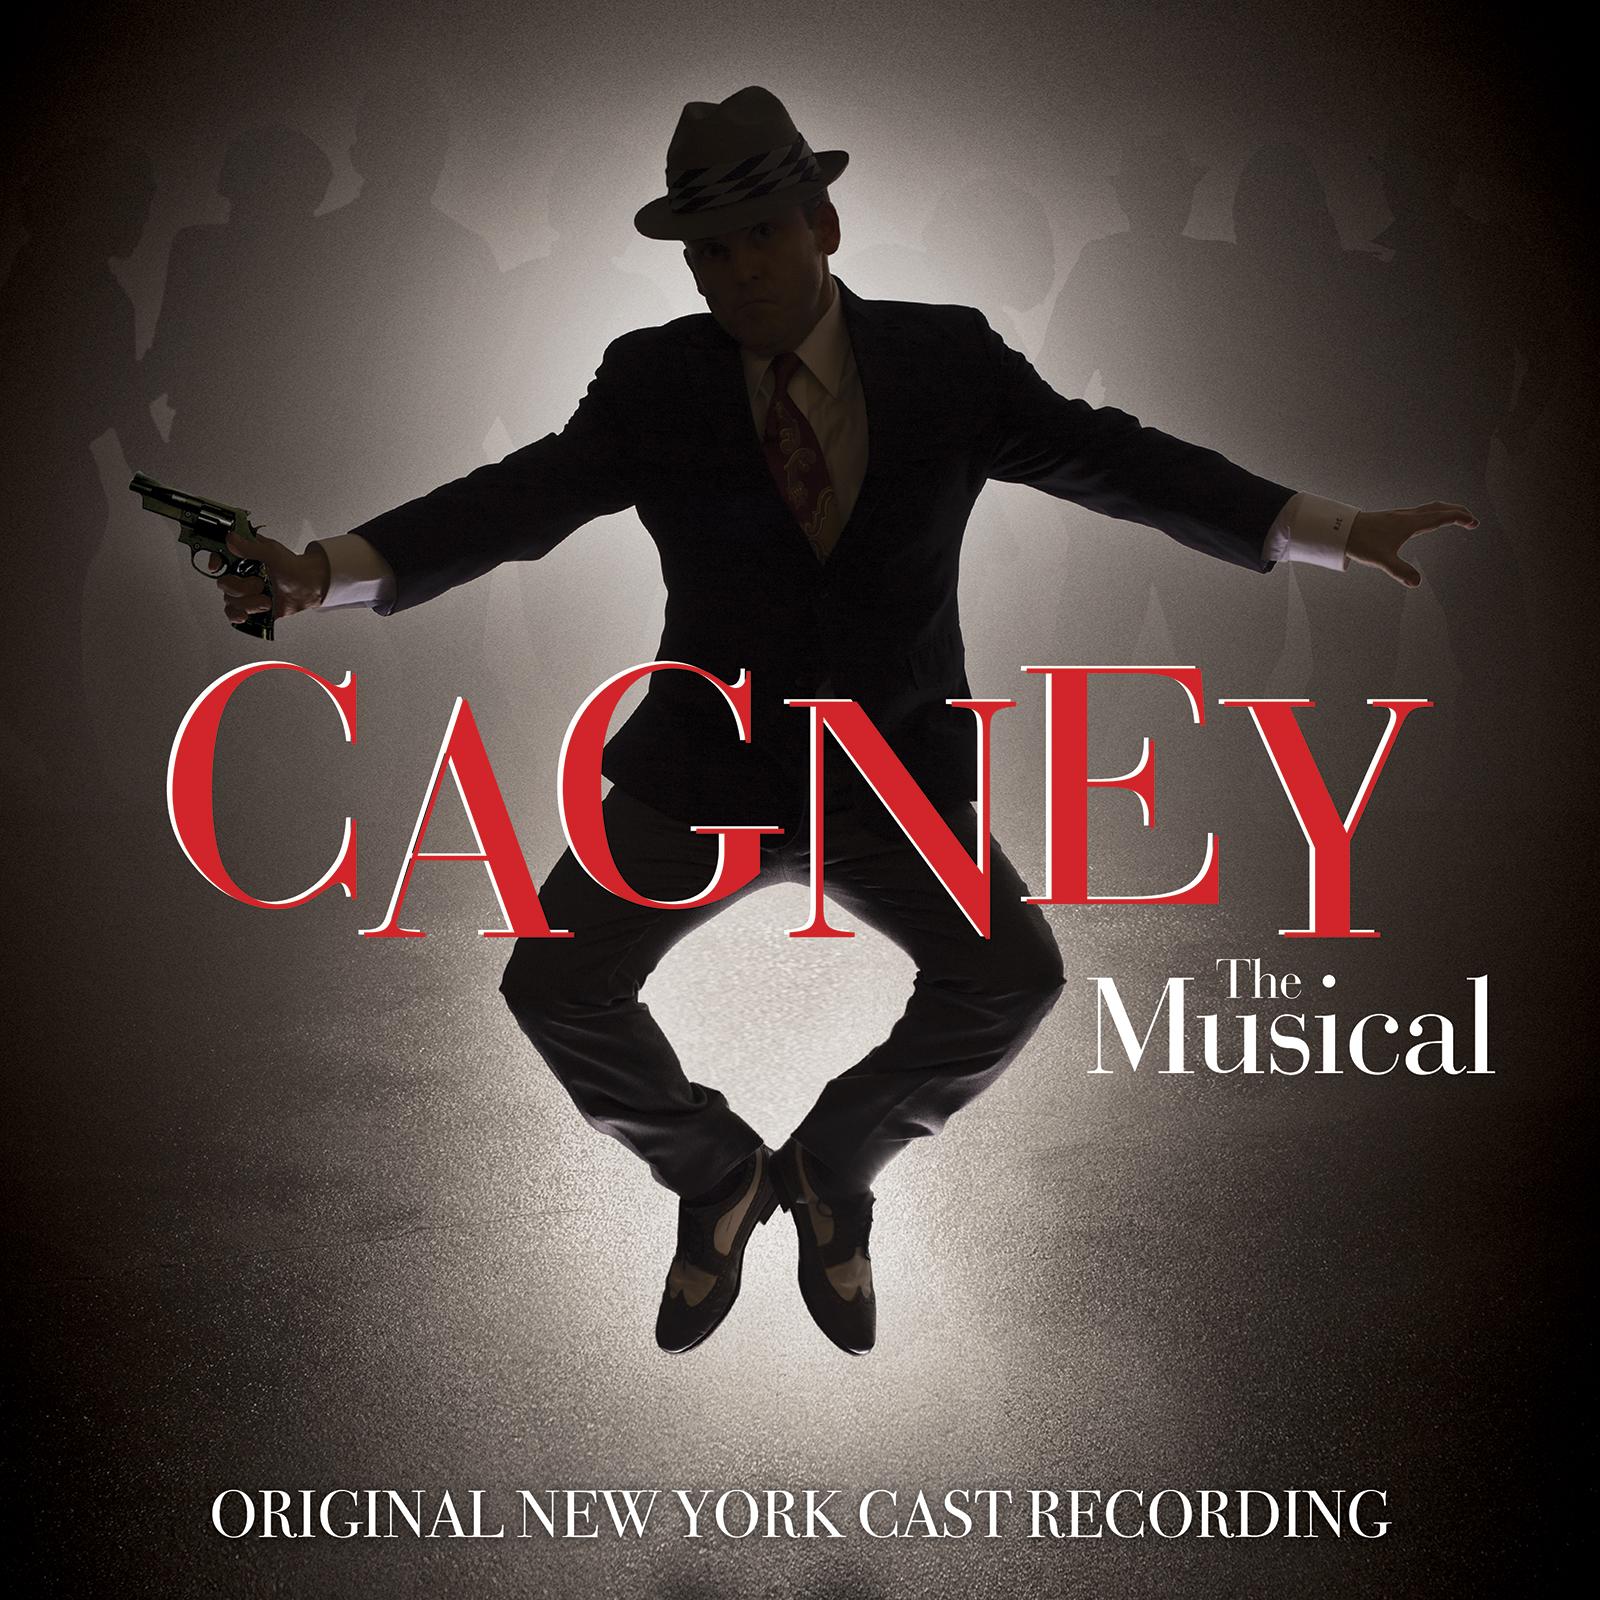 Artwork for the the   CAGNEY  Original New York Cast Album